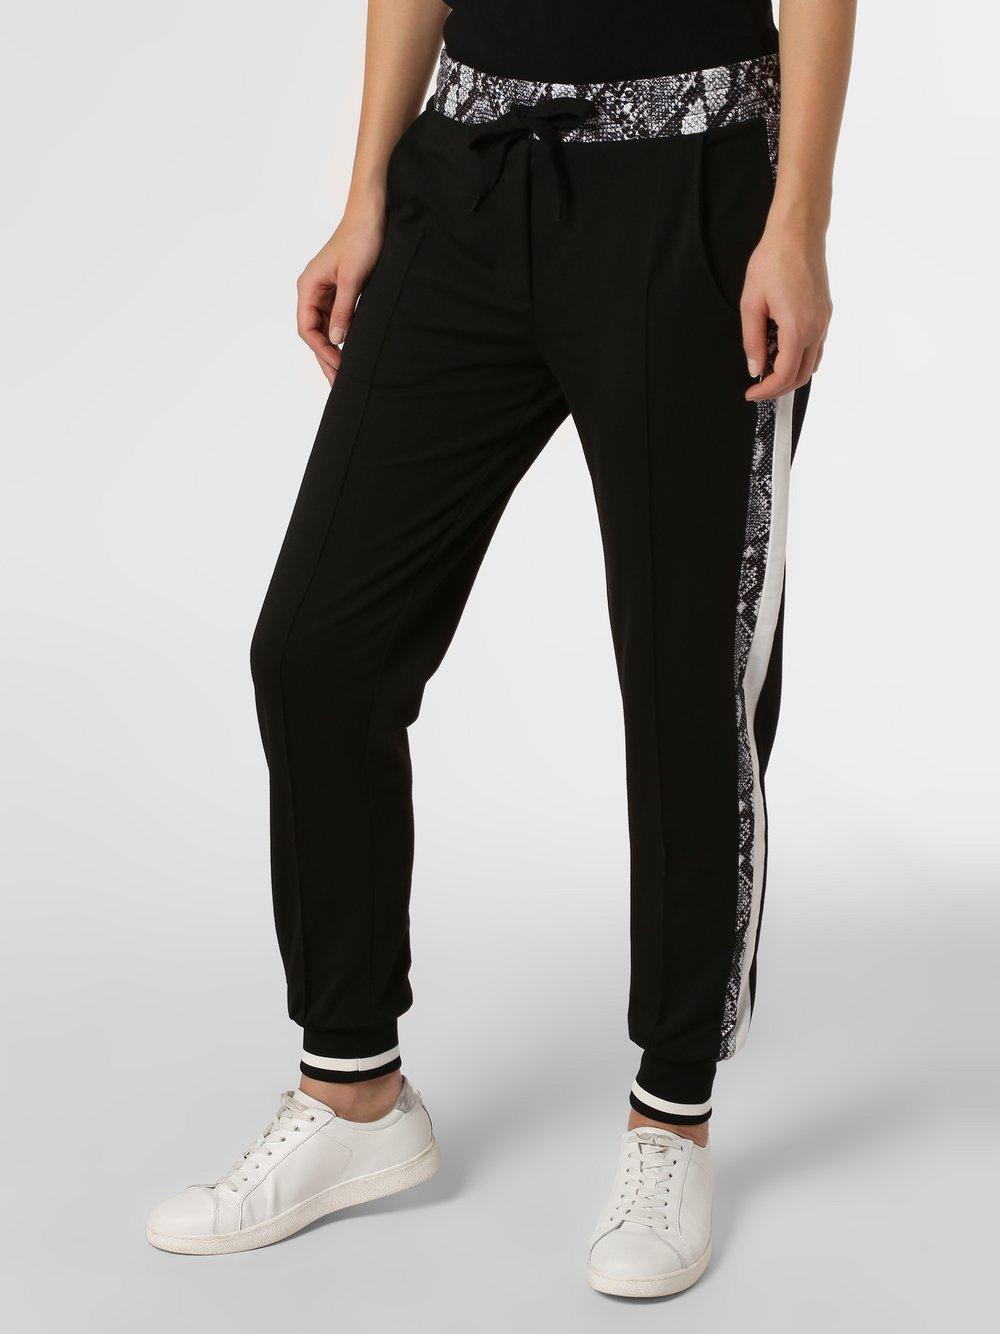 Marie Lund - Damskie spodnie dresowe, czarny